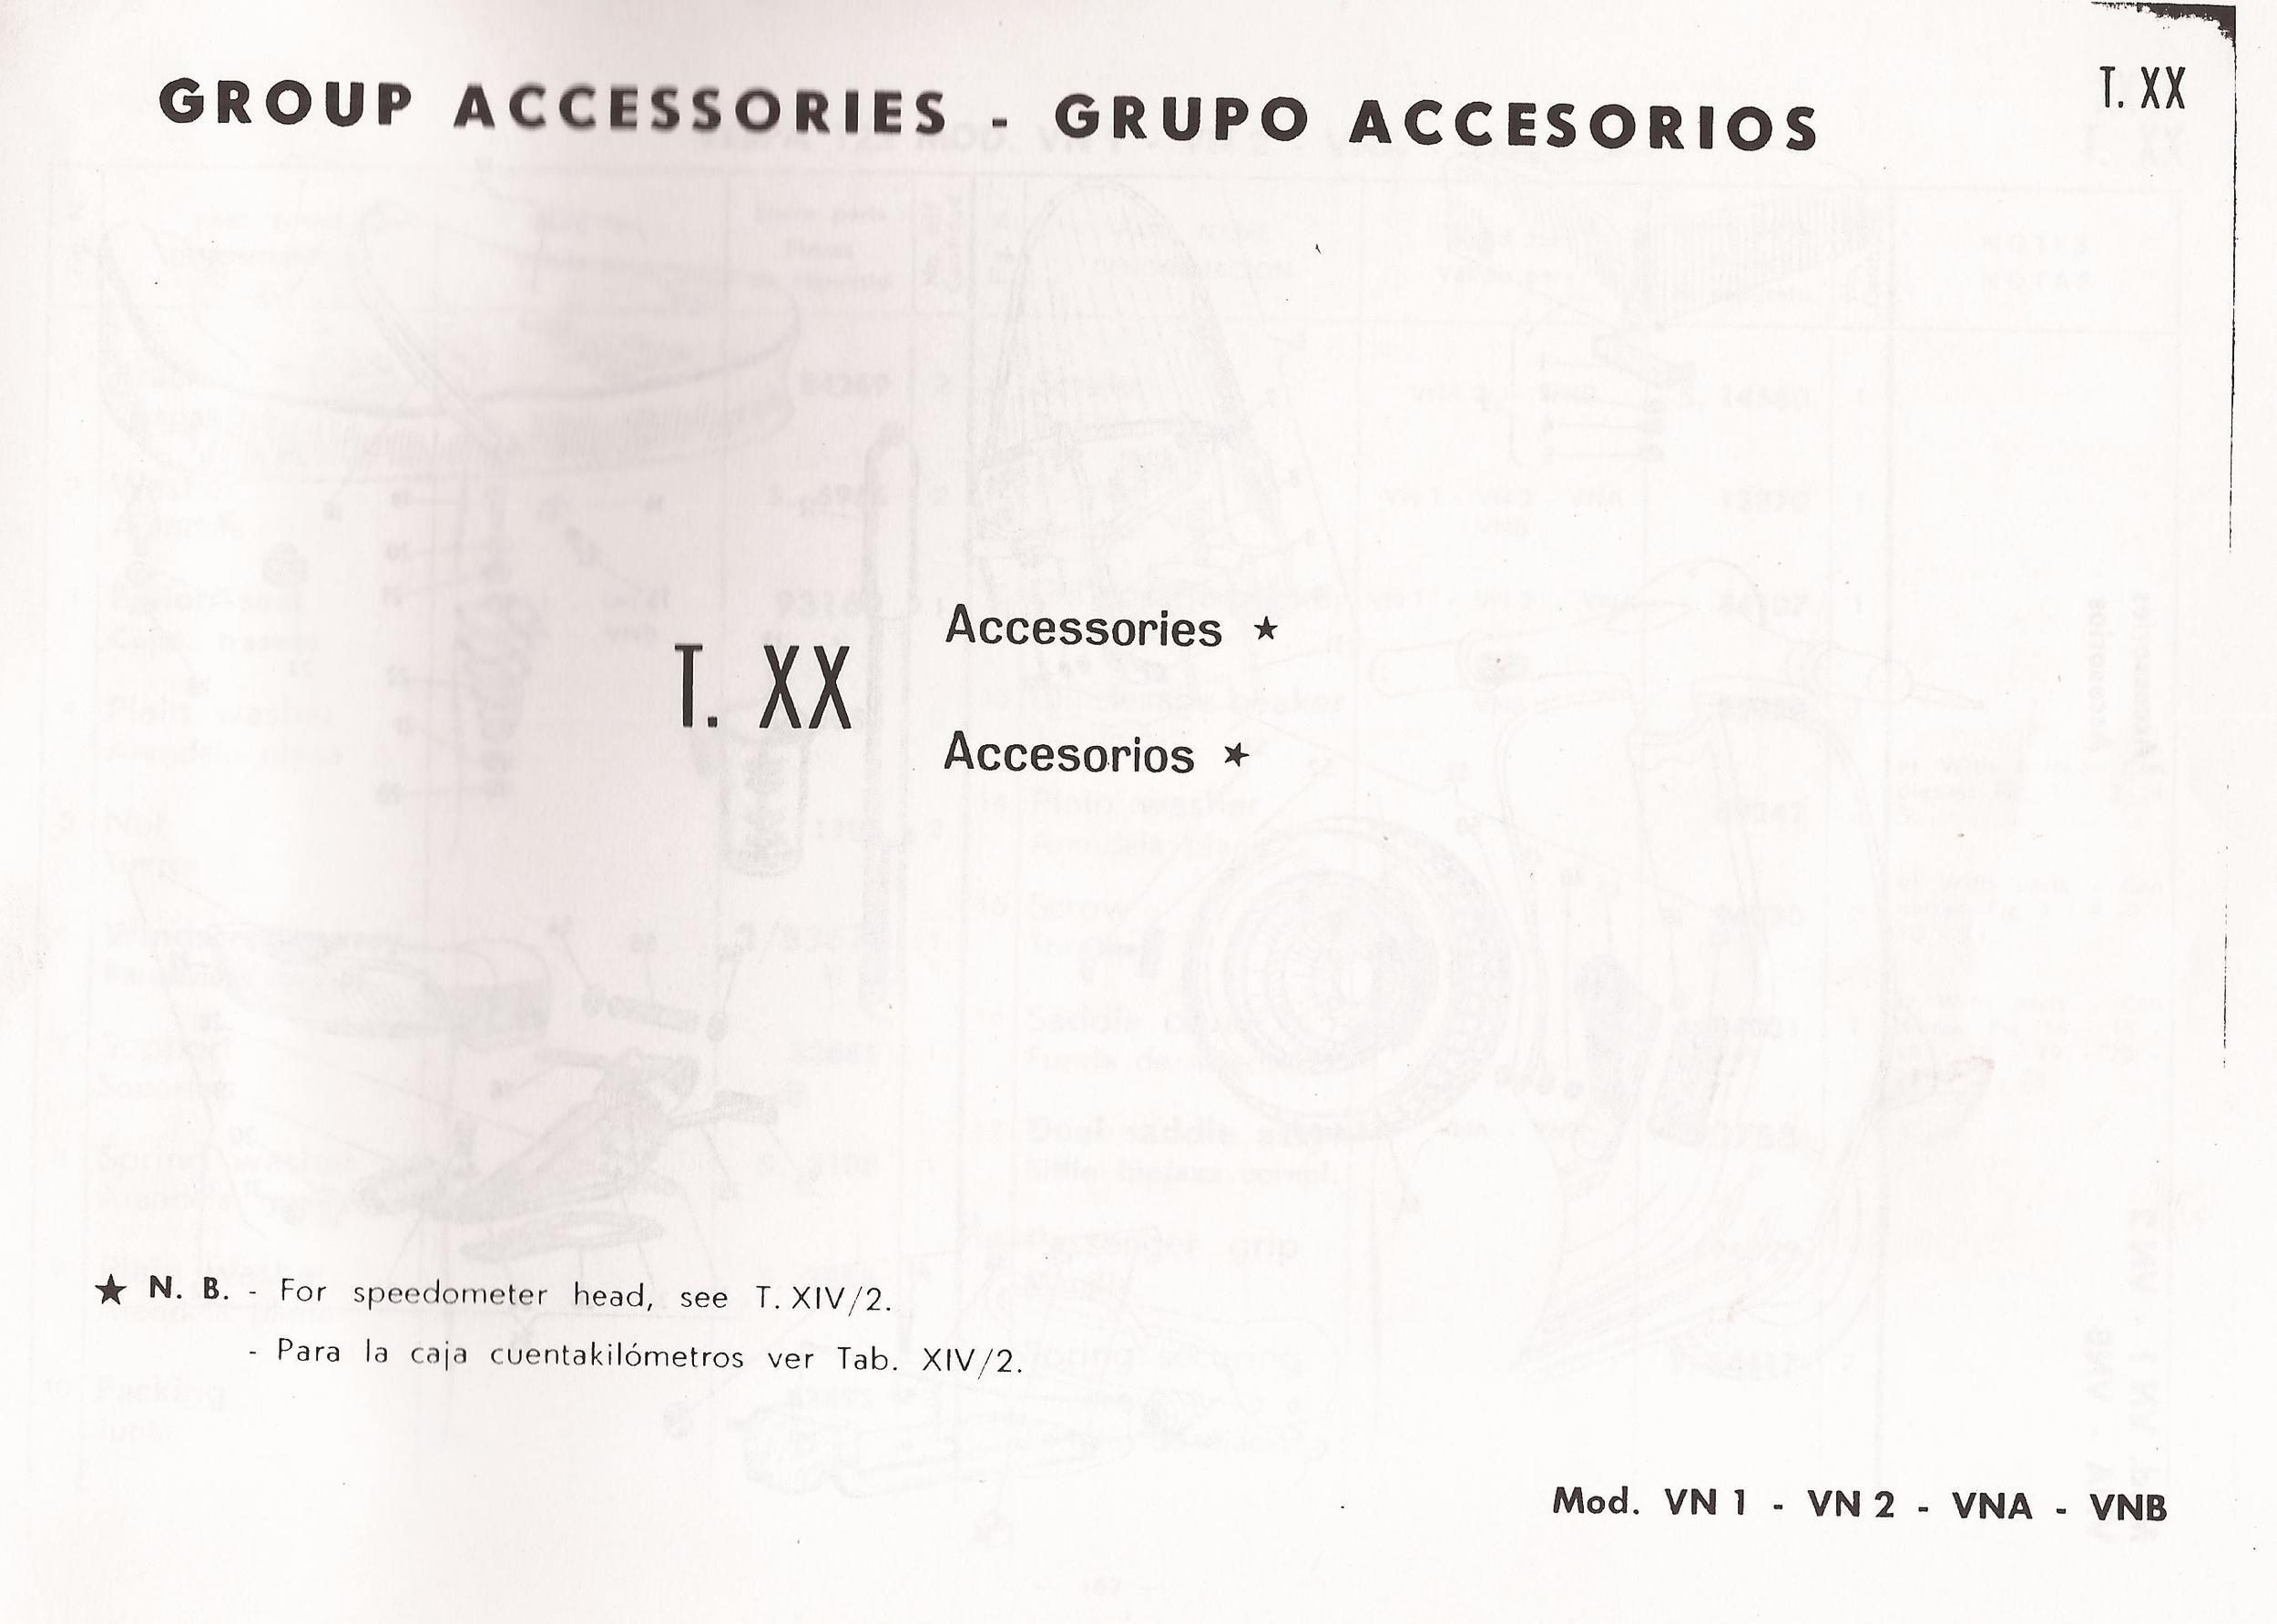 07-16-2013 vespa 125 catalog manuel 175.jpg